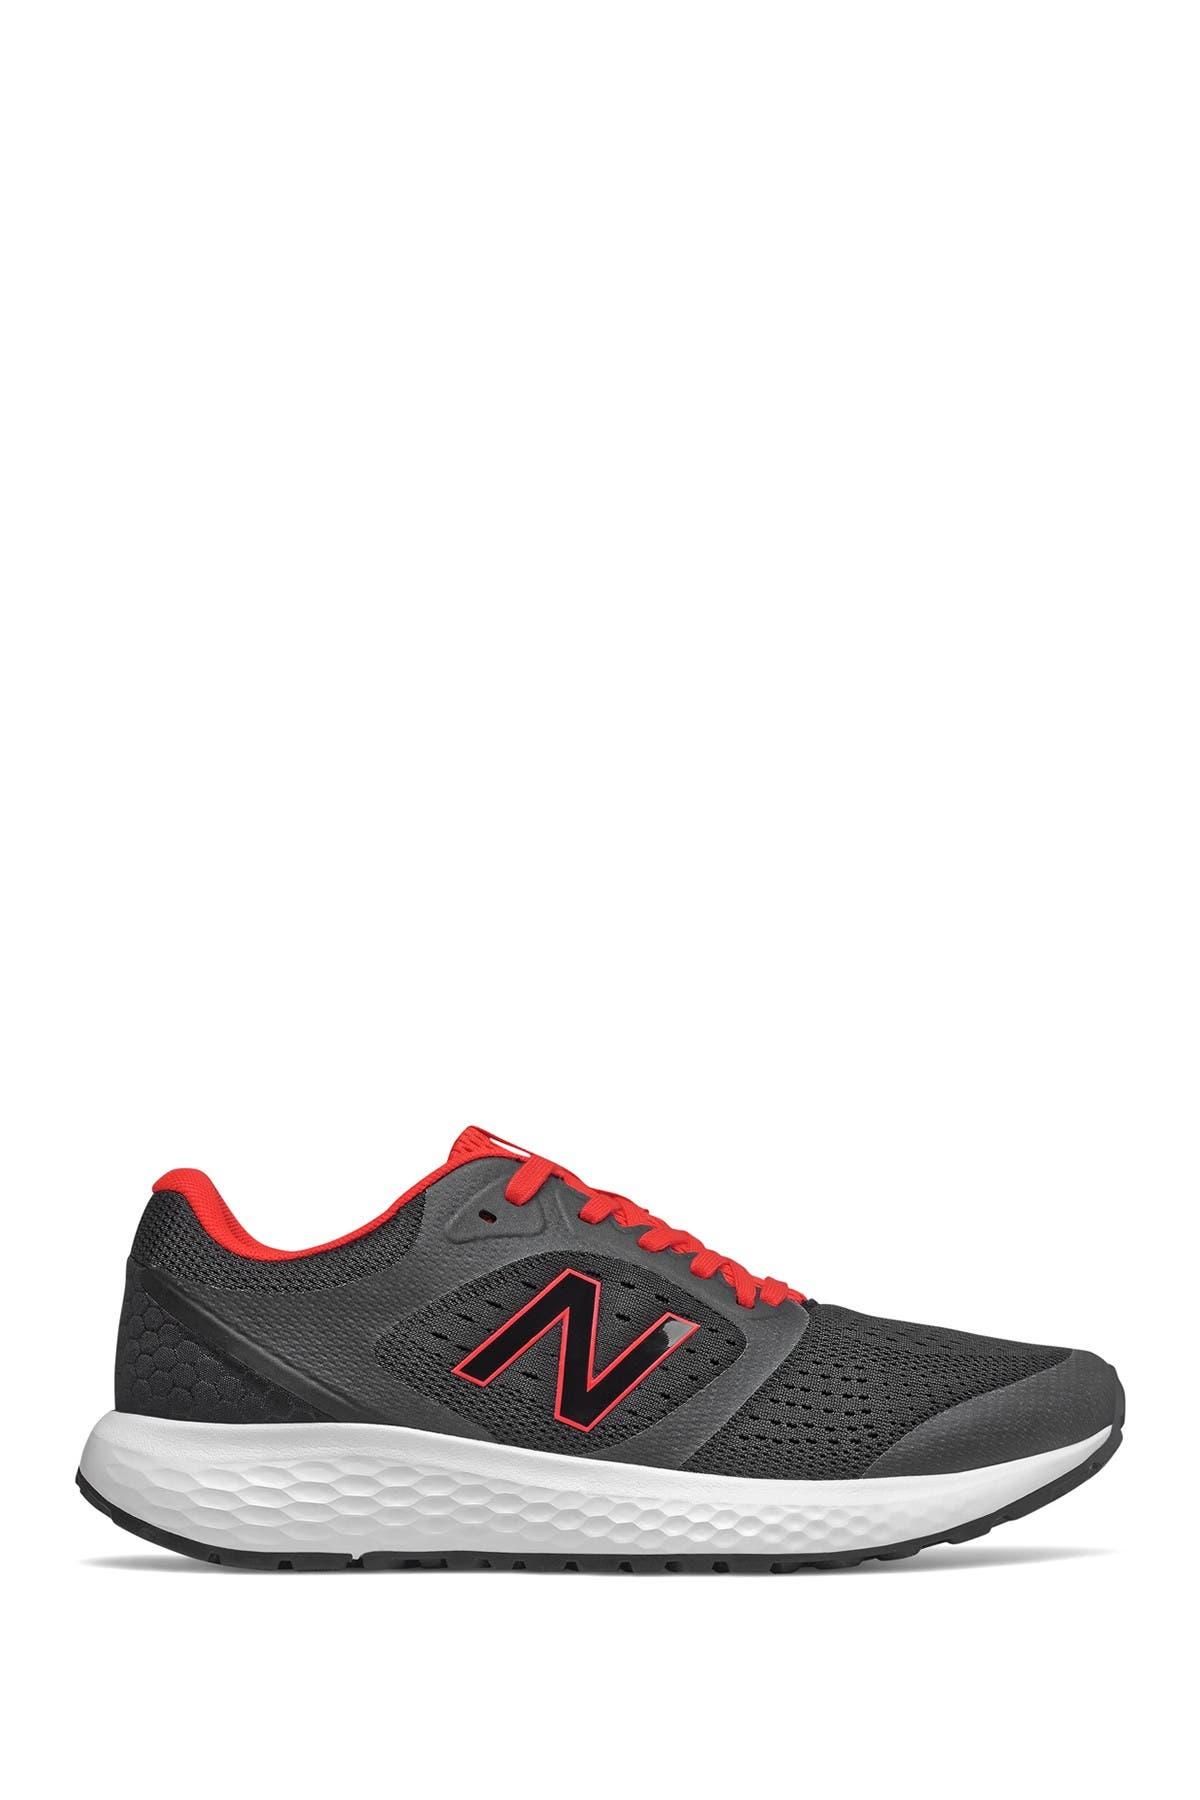 Image of New Balance 520 V6 Running Sneaker